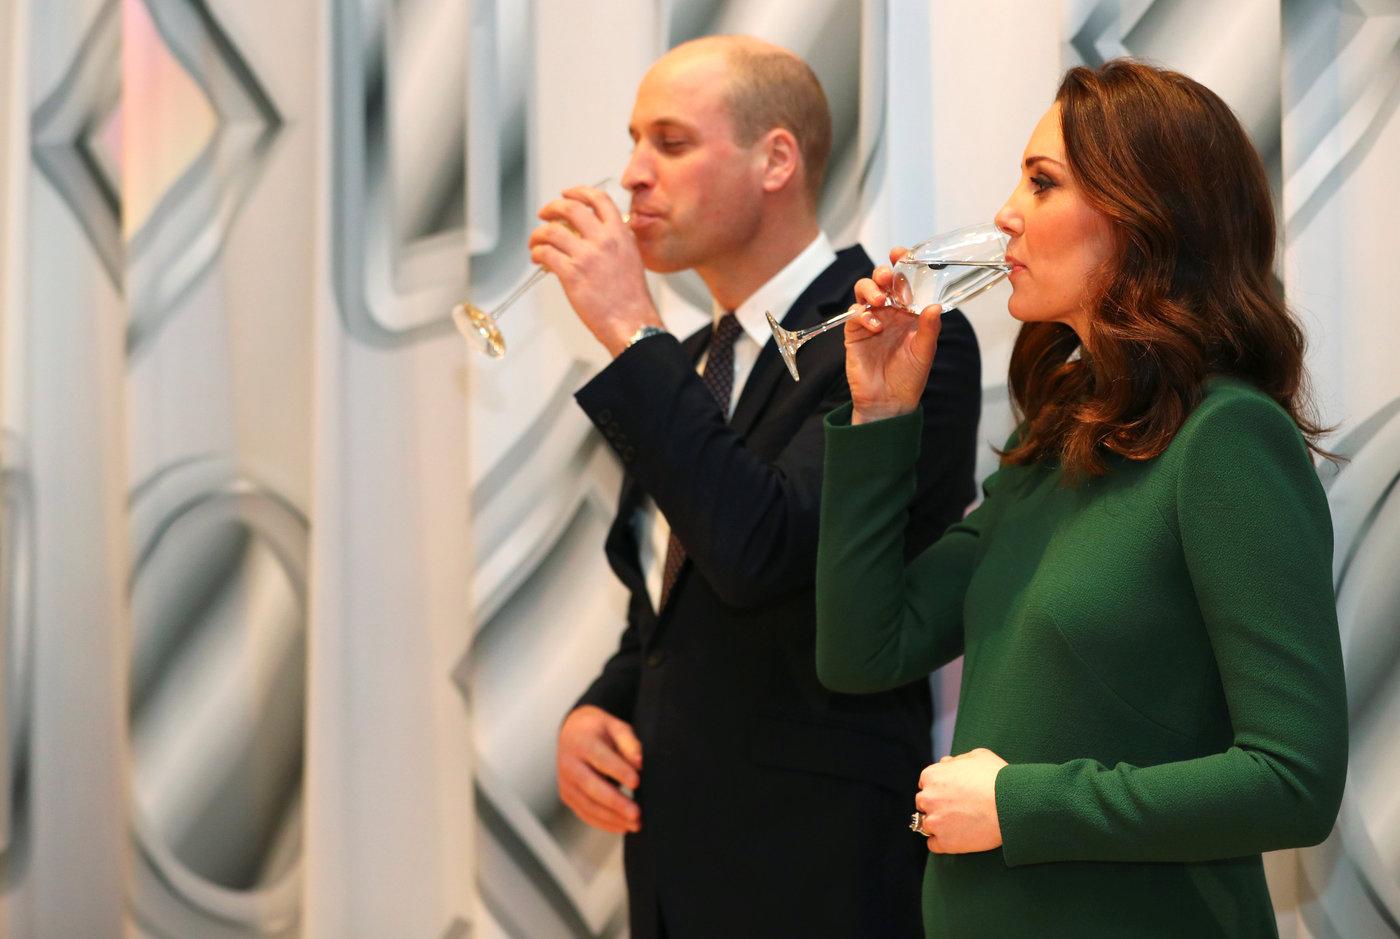 """Altre Notizie - Kate Middleton ed il principe William nuovamente genitori: è nato oggi il terzo """"royal baby"""". E' un maschio e avrà il titolo di Sua Altezza Reale principe di Cambridge (LaPresse/PA)"""